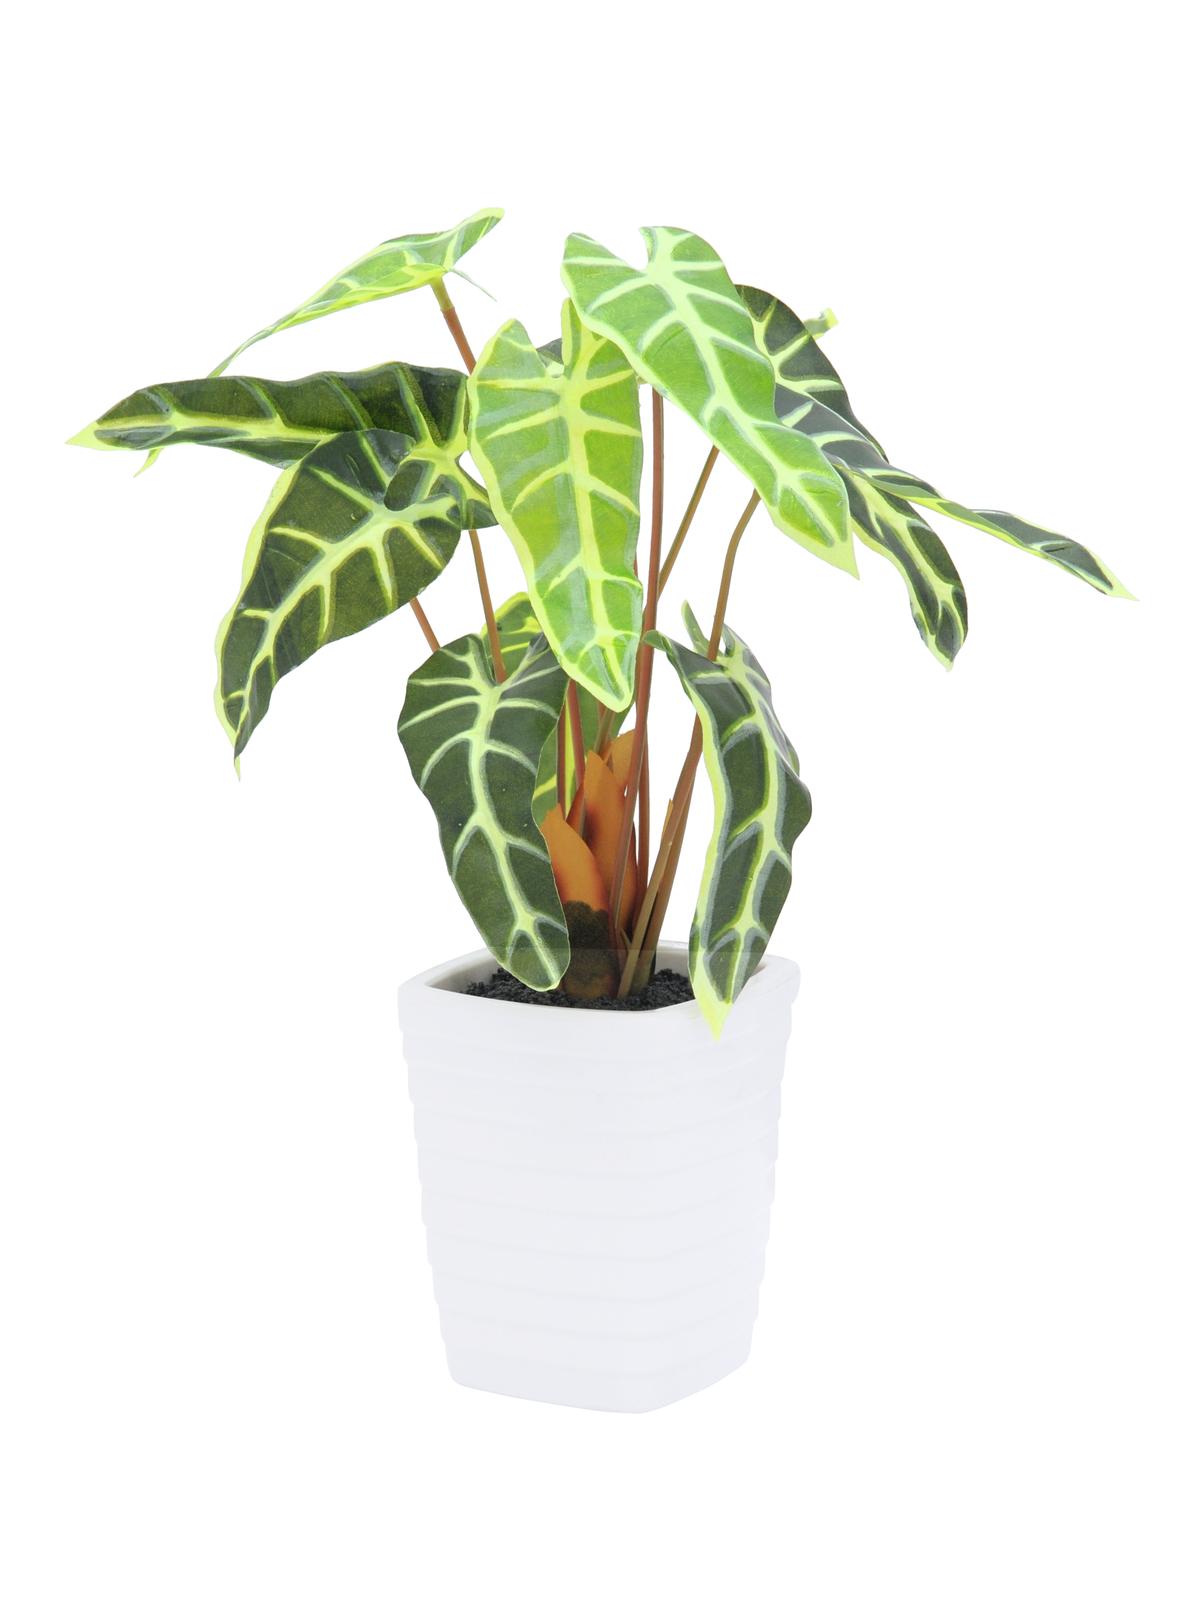 EUROPALMS Caladium pianta, bianco-verde, 35cm